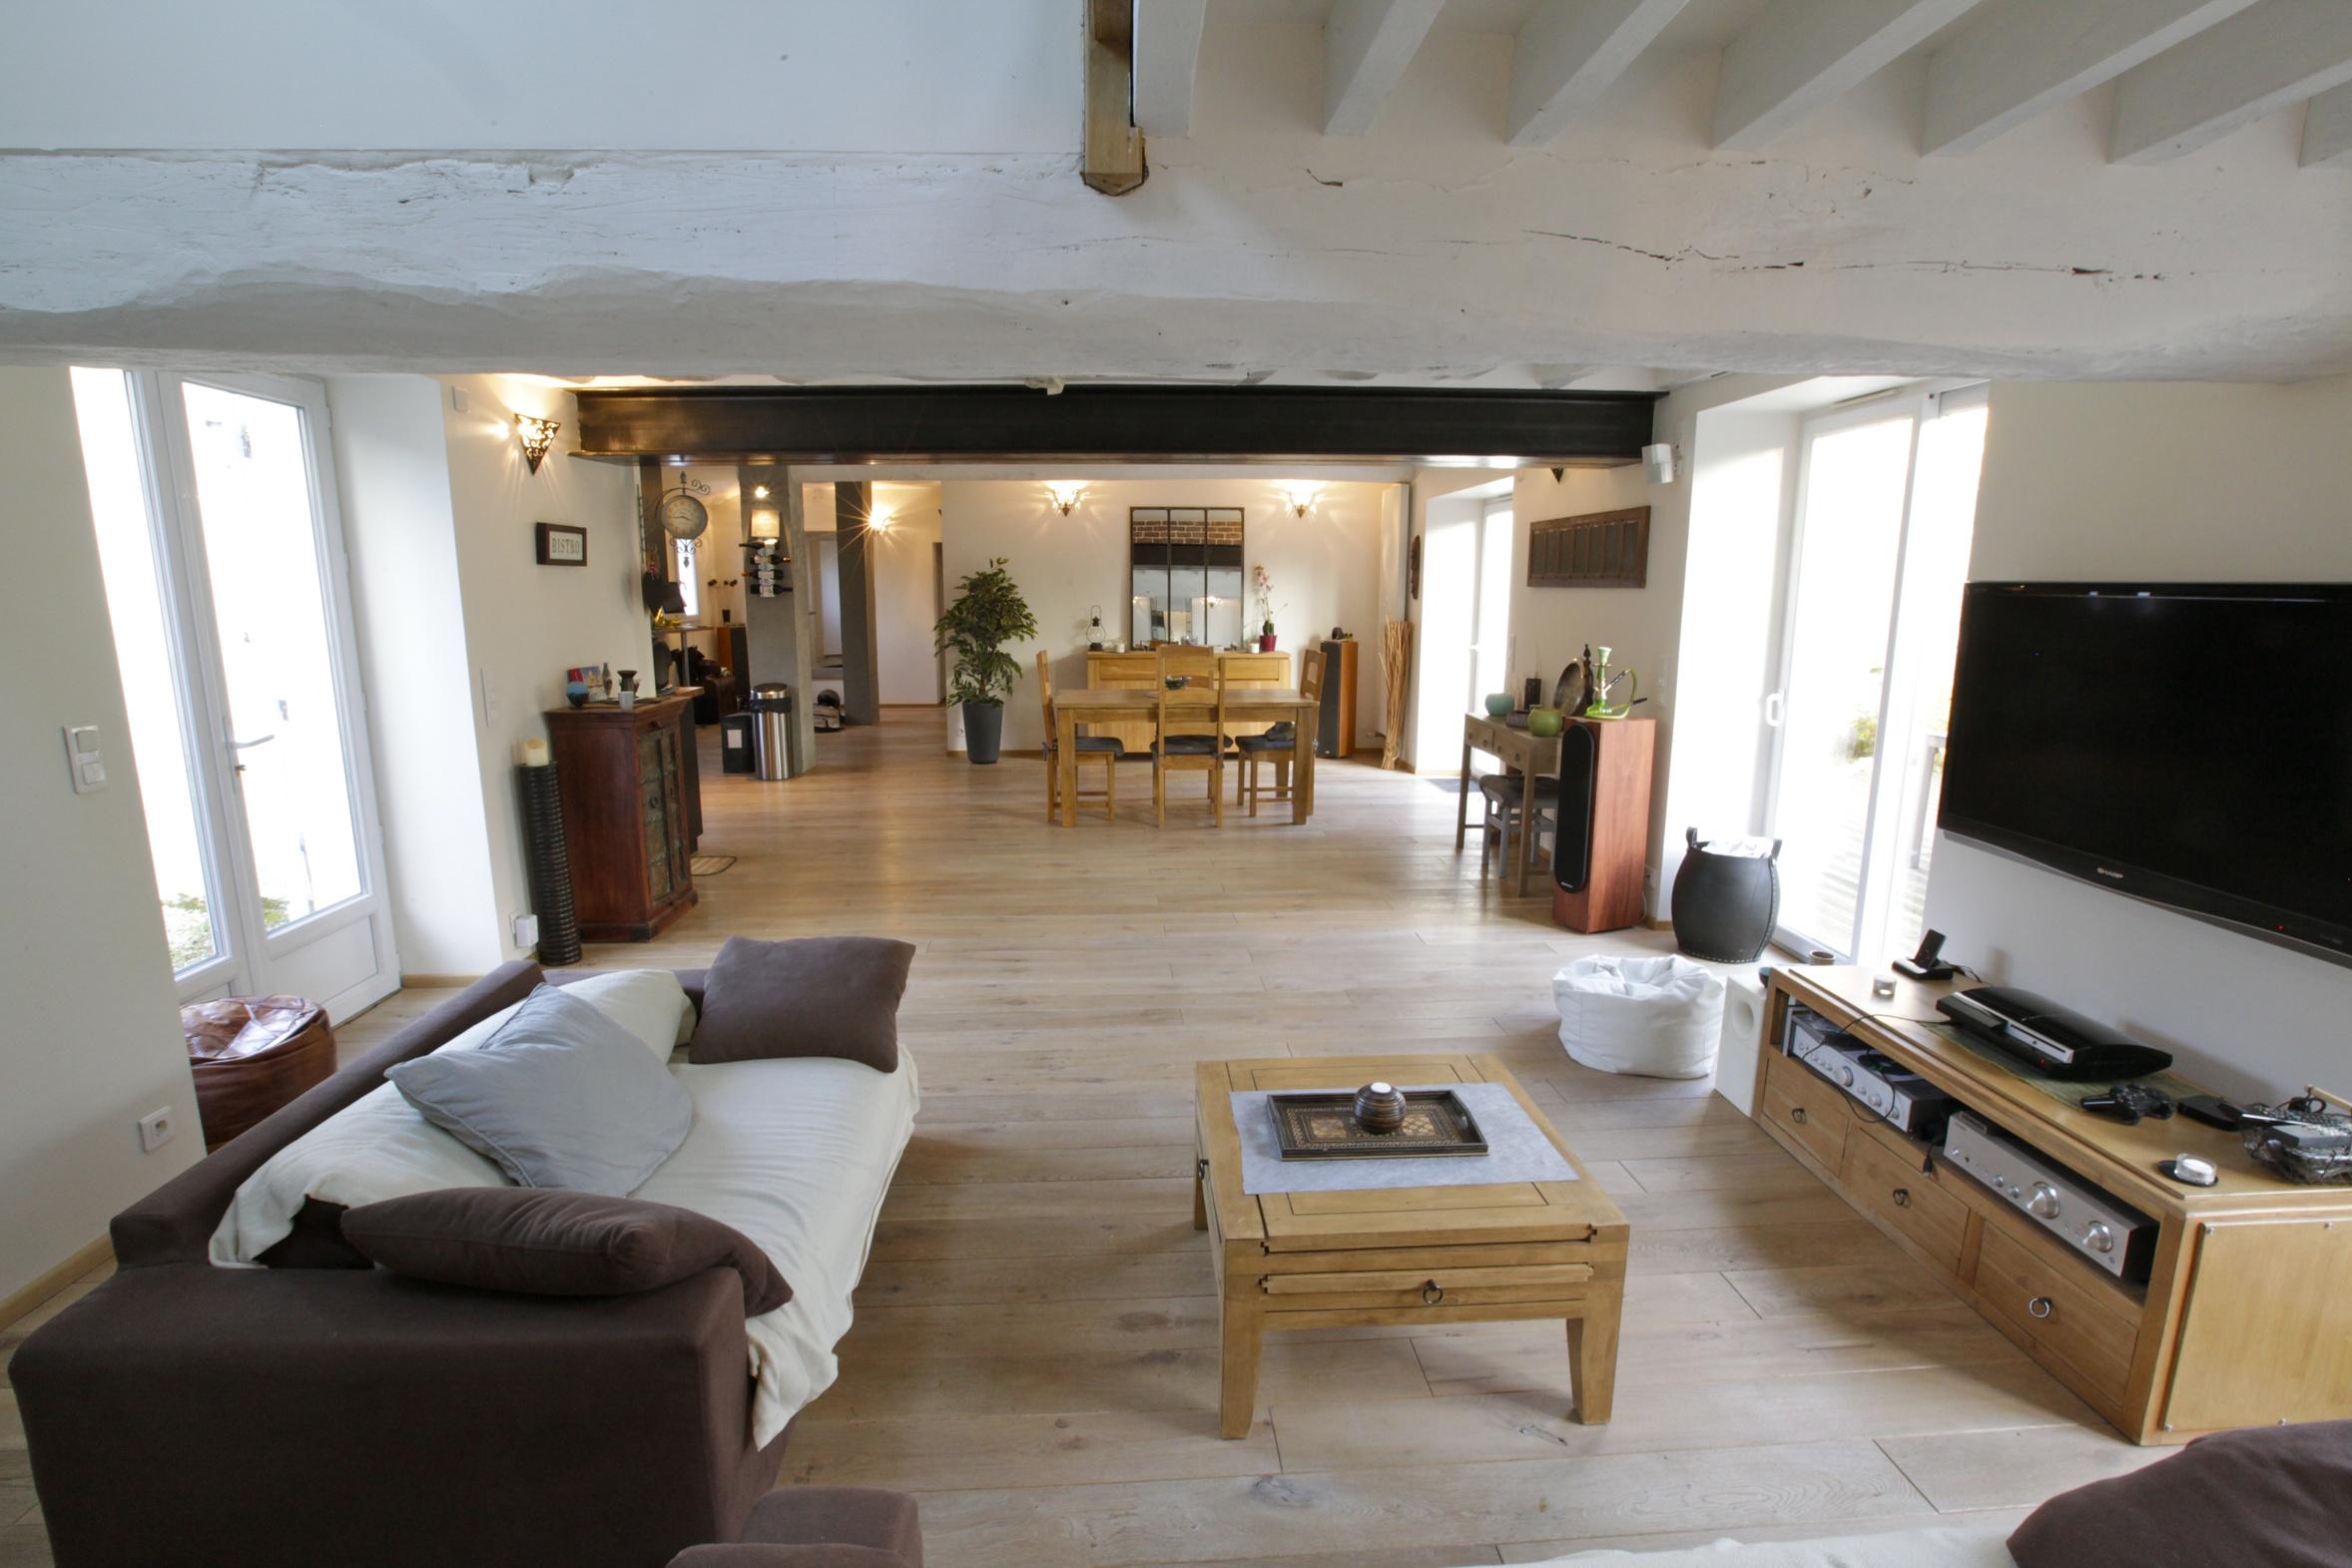 beau Lors de la location du0027un bien immobilier, il est possible de choisir entre  deux types de logements : vide ou meublé. Les deux ont leurs avantages et  leurs ...